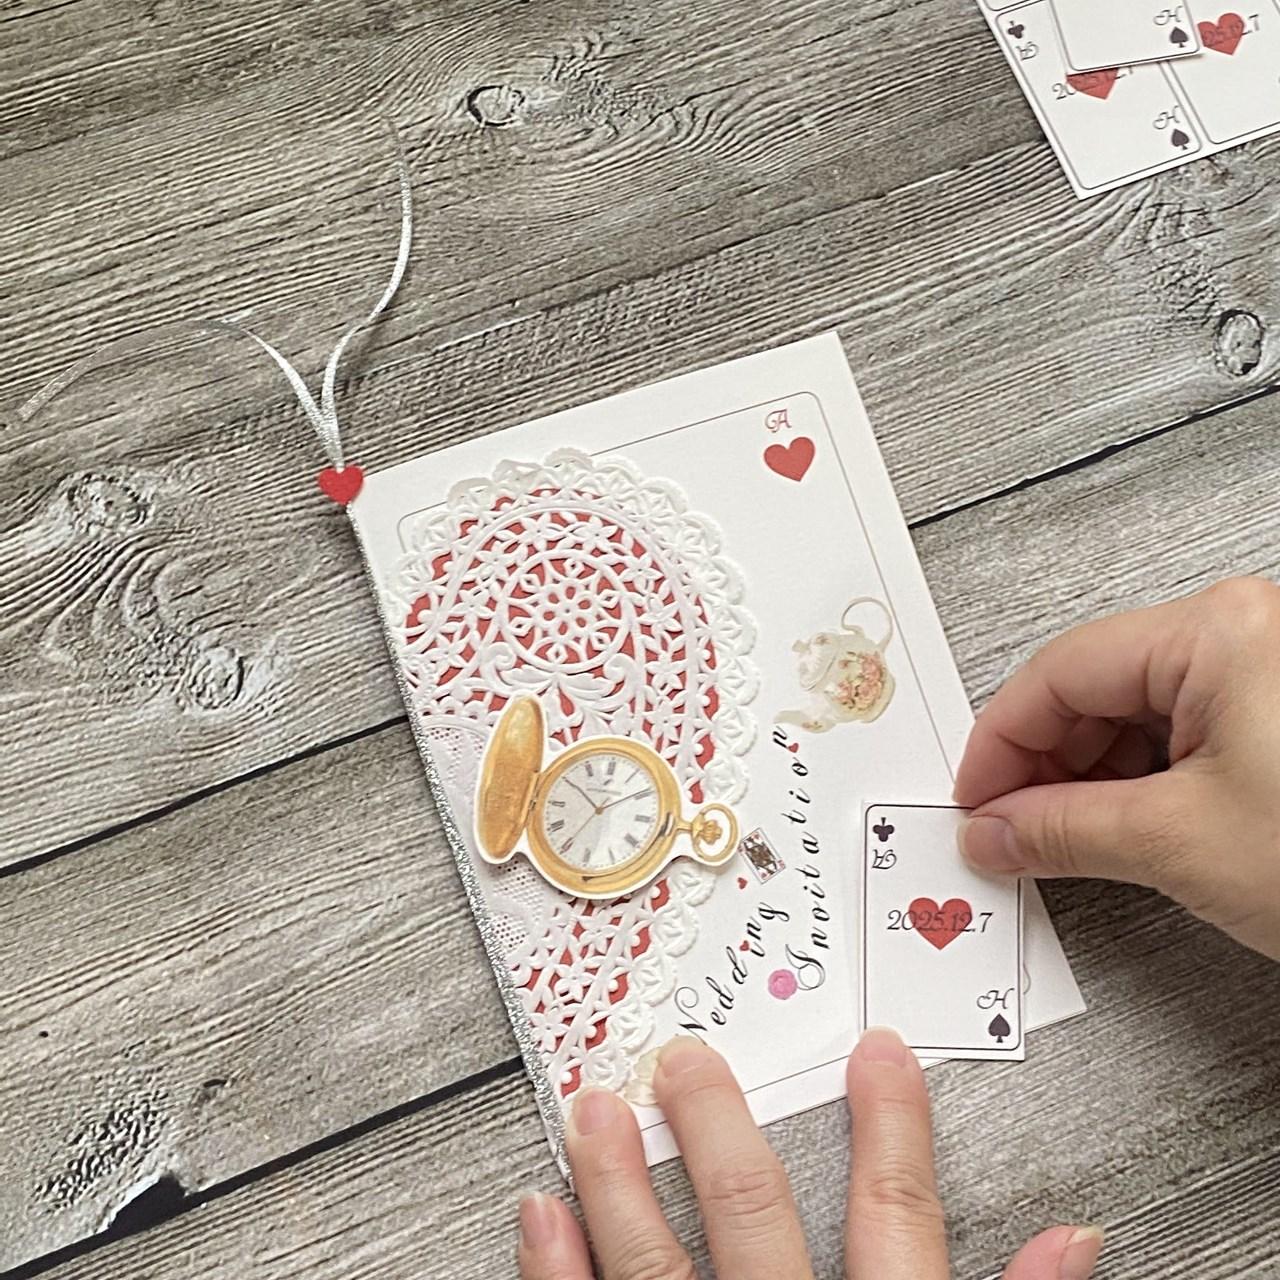 挙式日とイニシャルのトランプカードを貼り付ける